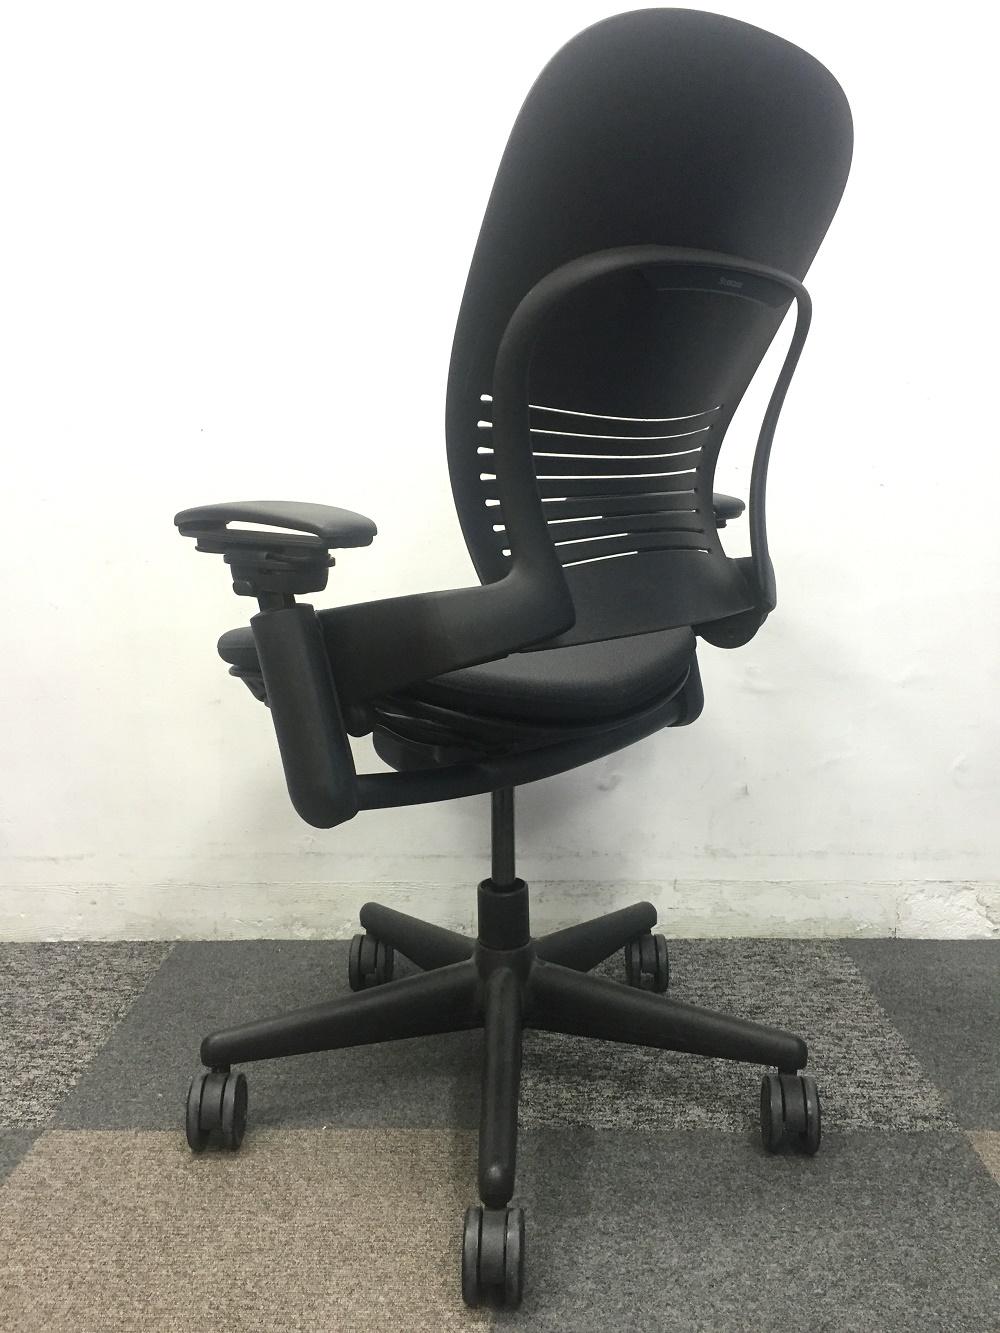 オフィスチェアの最高峰、リープが再入荷!■自慢の背もたれの大きさ、自慢の座り心地、文句なしの一品!|Leap[leap](中古)